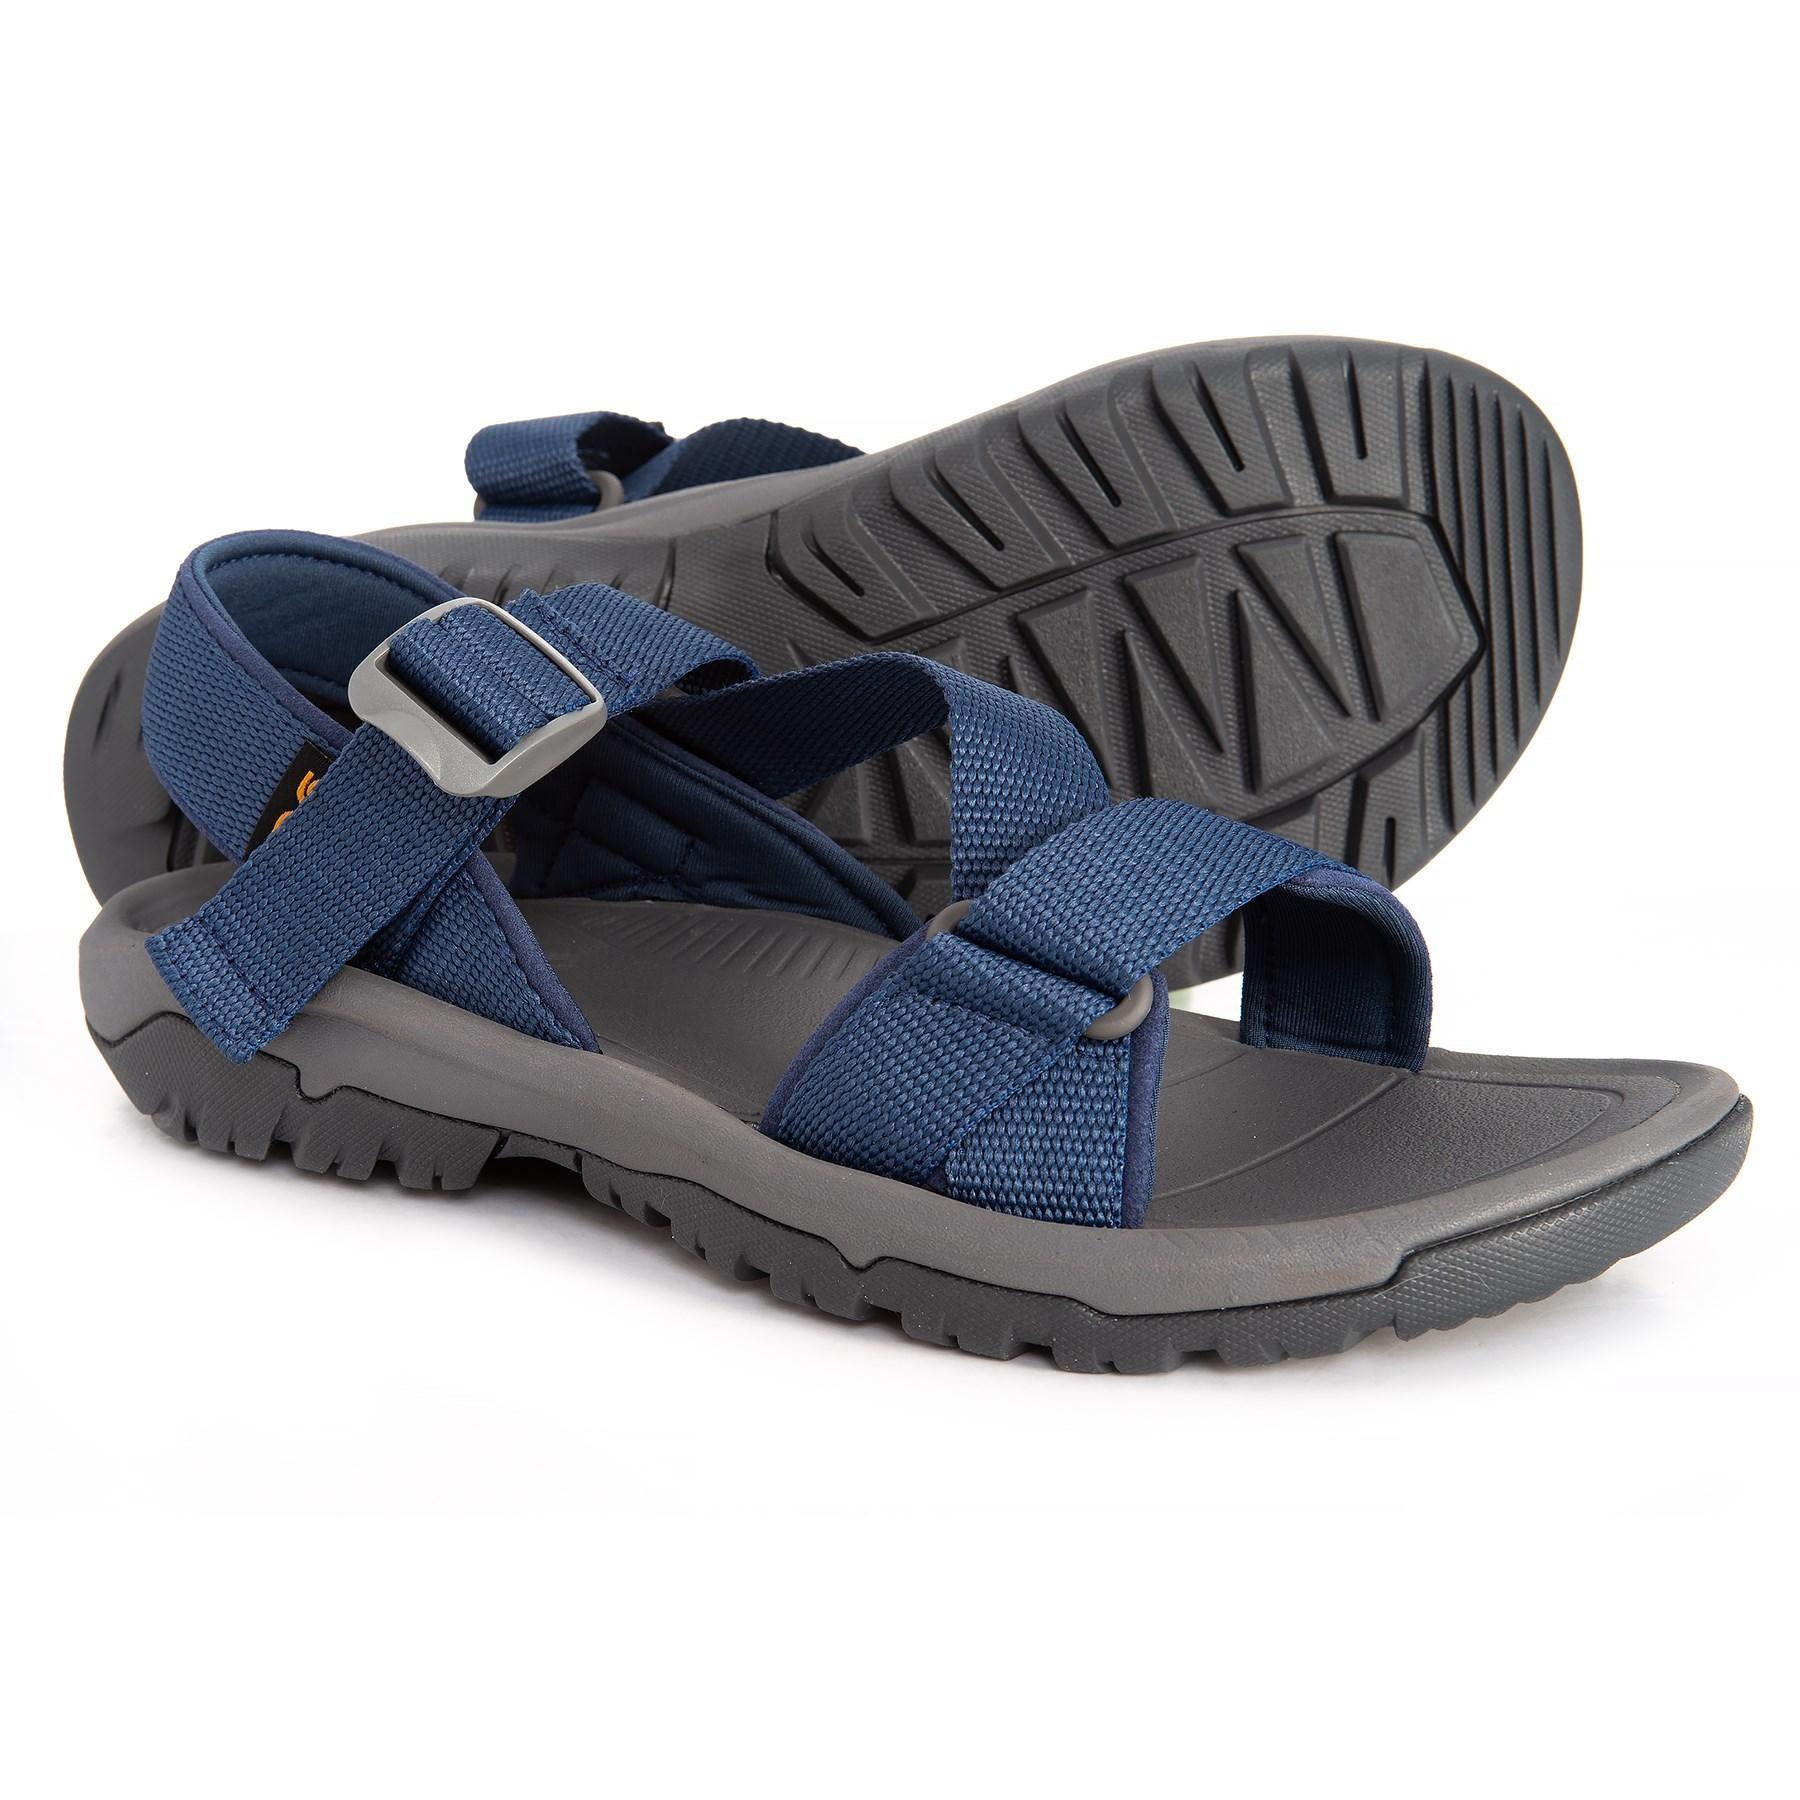 8d27967ce1b66 Lyst - Teva Hurricane Xlt2 Cross Strap Sport Sandals (for Men) in ...